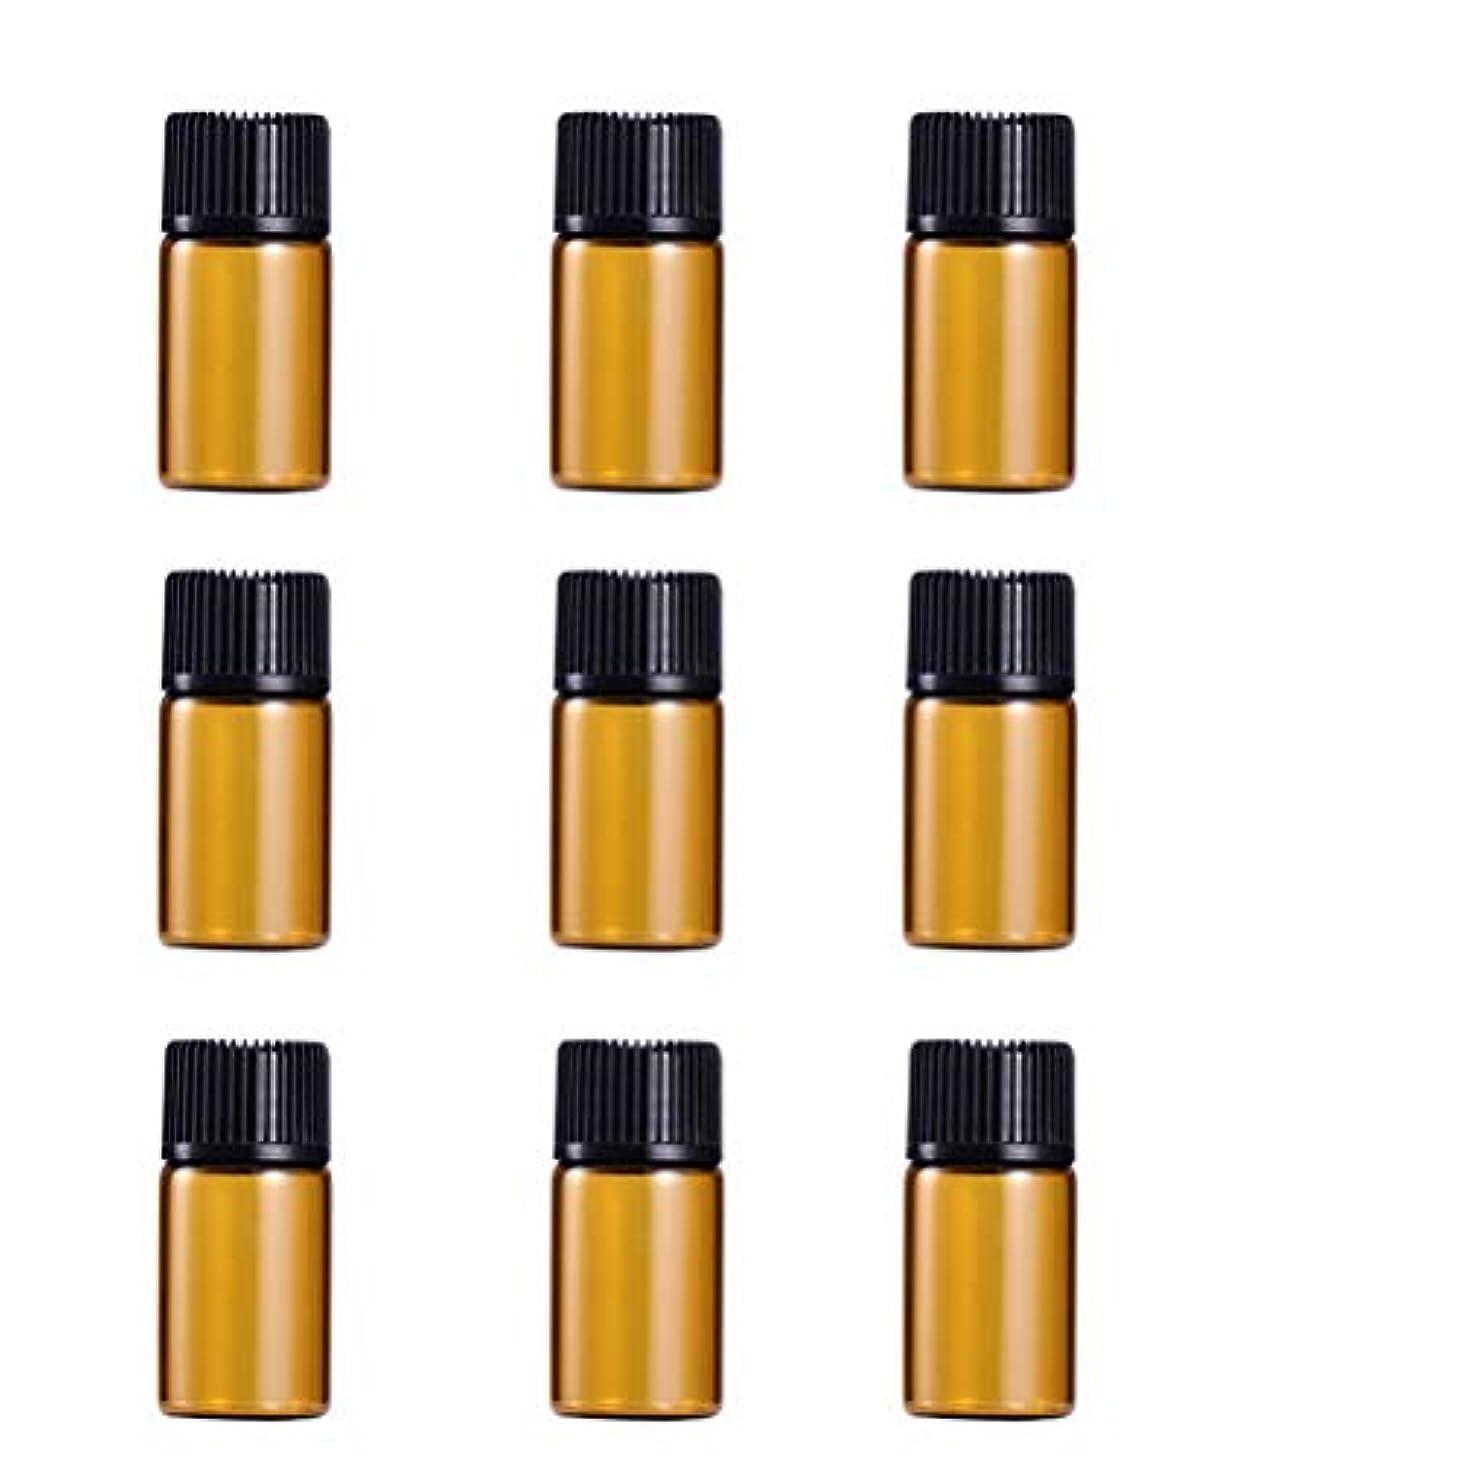 チート捕虜防衛WINOMO 遮光瓶 アロマオイル 精油 小分け用 遮光瓶セット アロマボトル 保存容器 エッセンシャルオイル 香水 保存用 詰替え ガラス 茶色(9個入り 3ml)